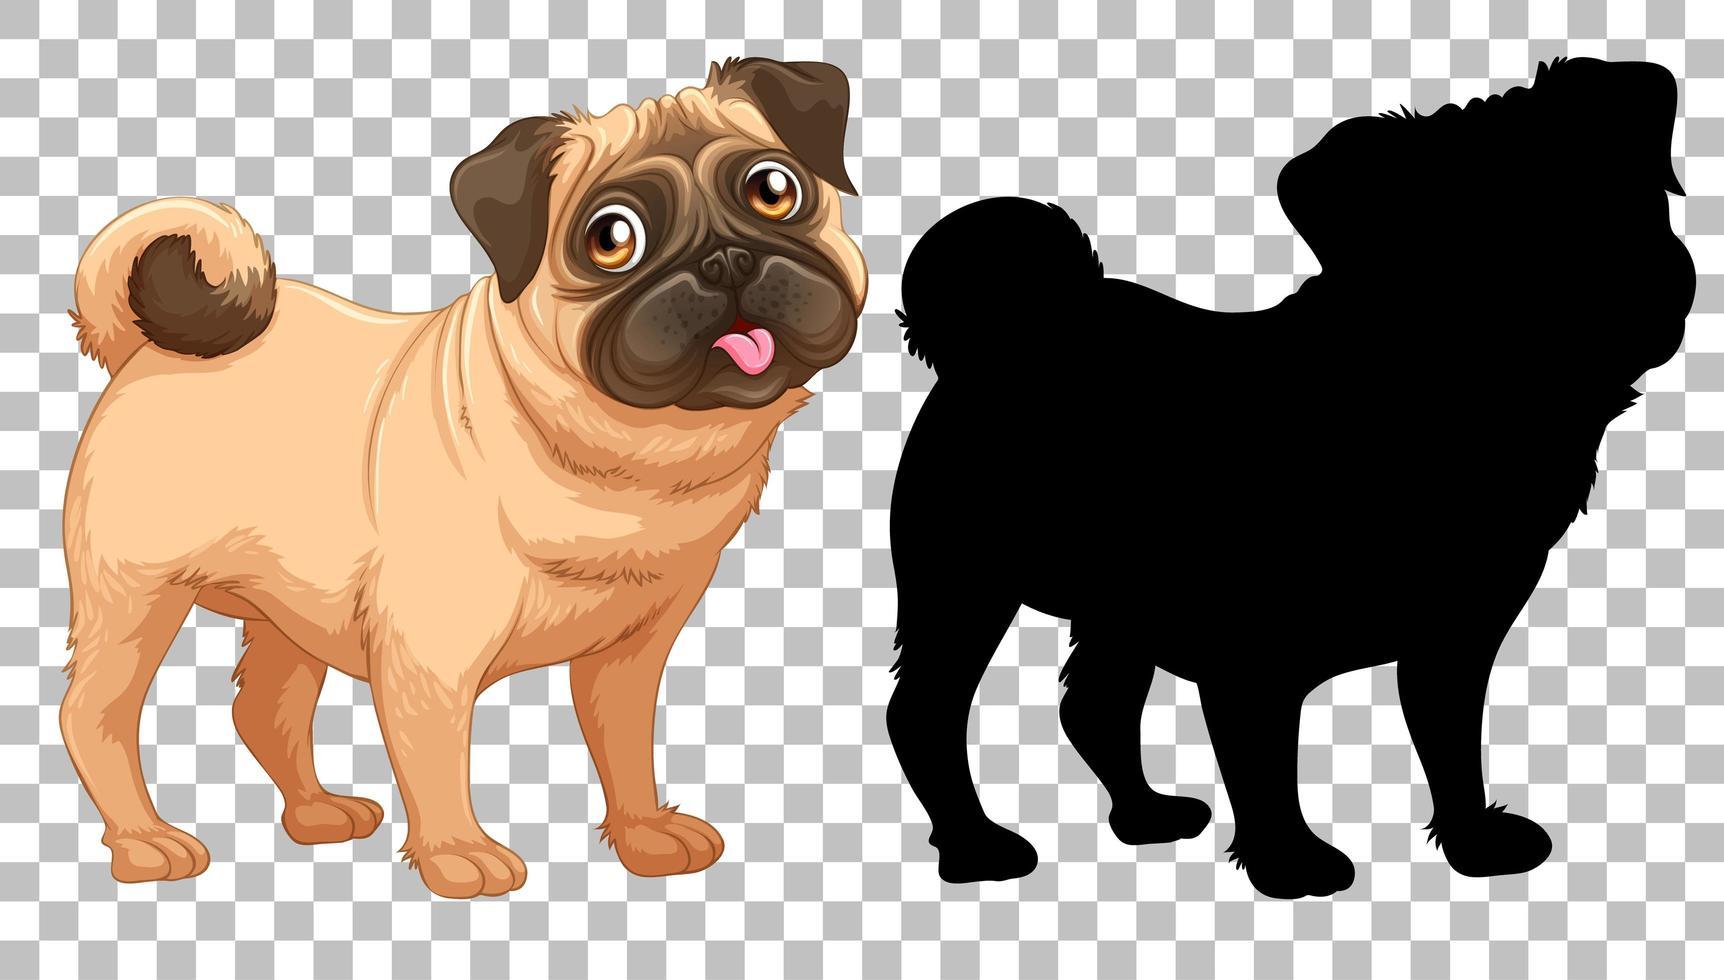 söt mopshund och dess silhuett på transparent bakgrund vektor